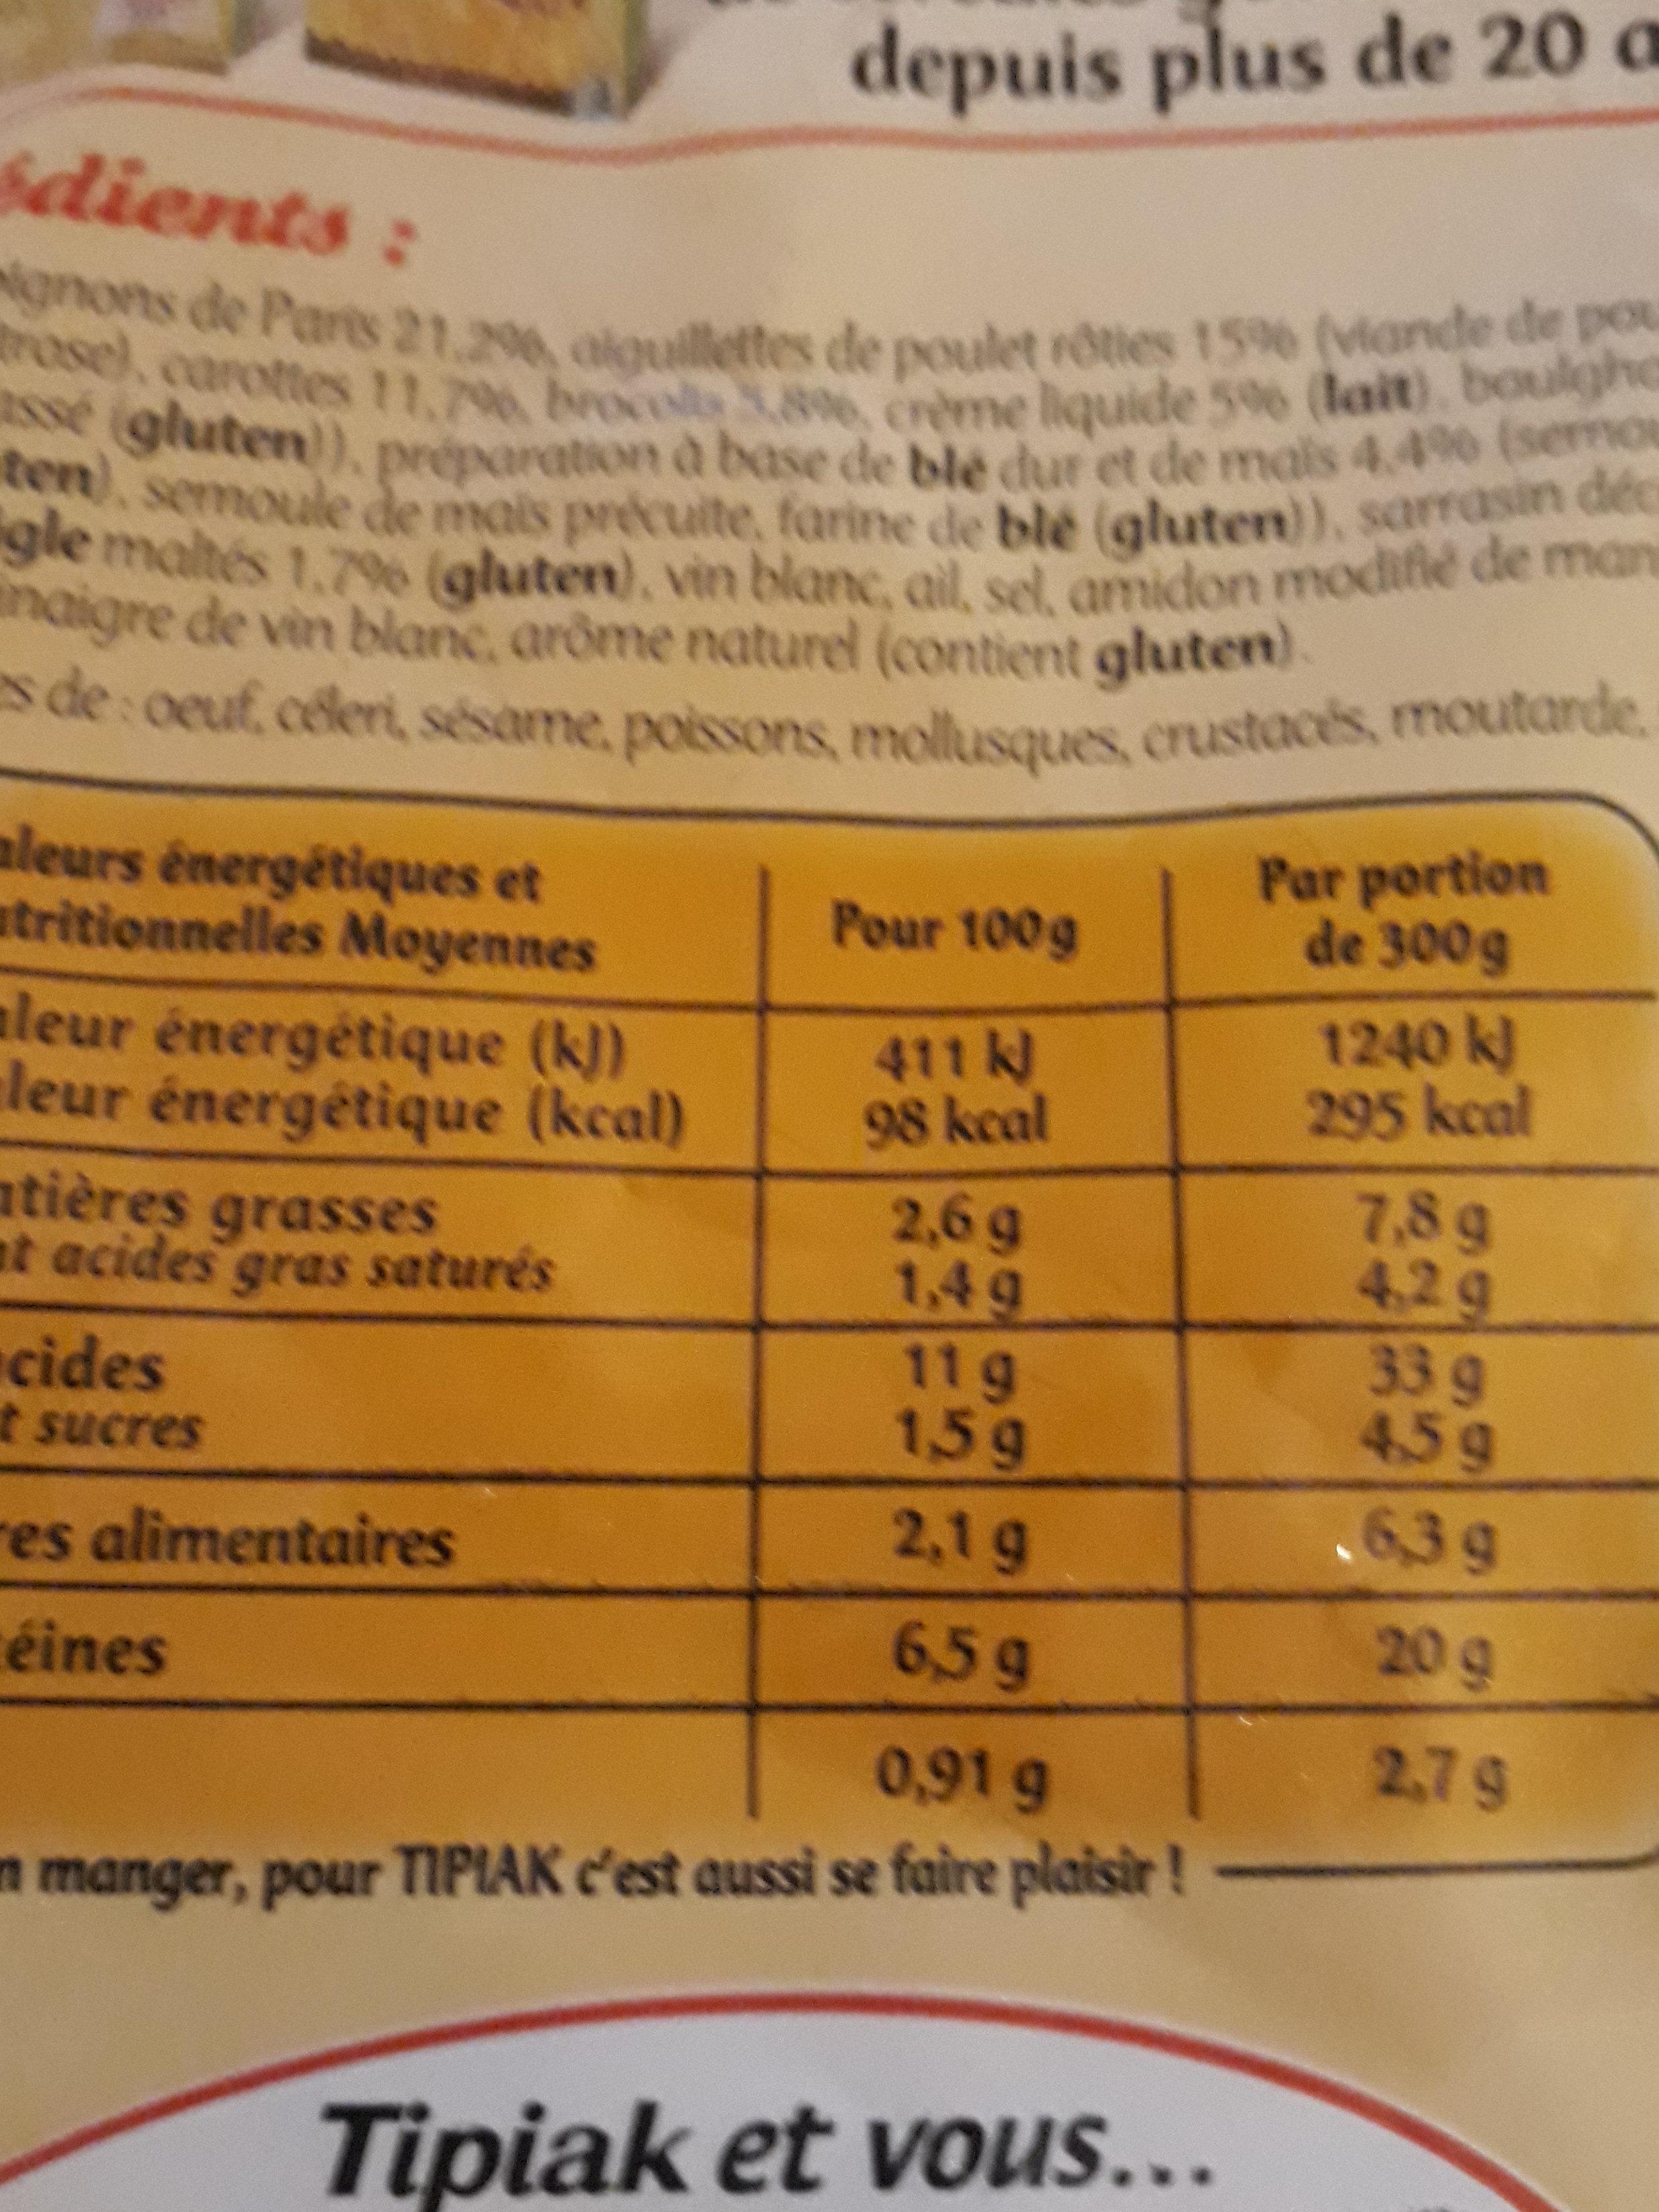 Fricassée de poulet aux champignons et cereales gourmandes - Informations nutritionnelles